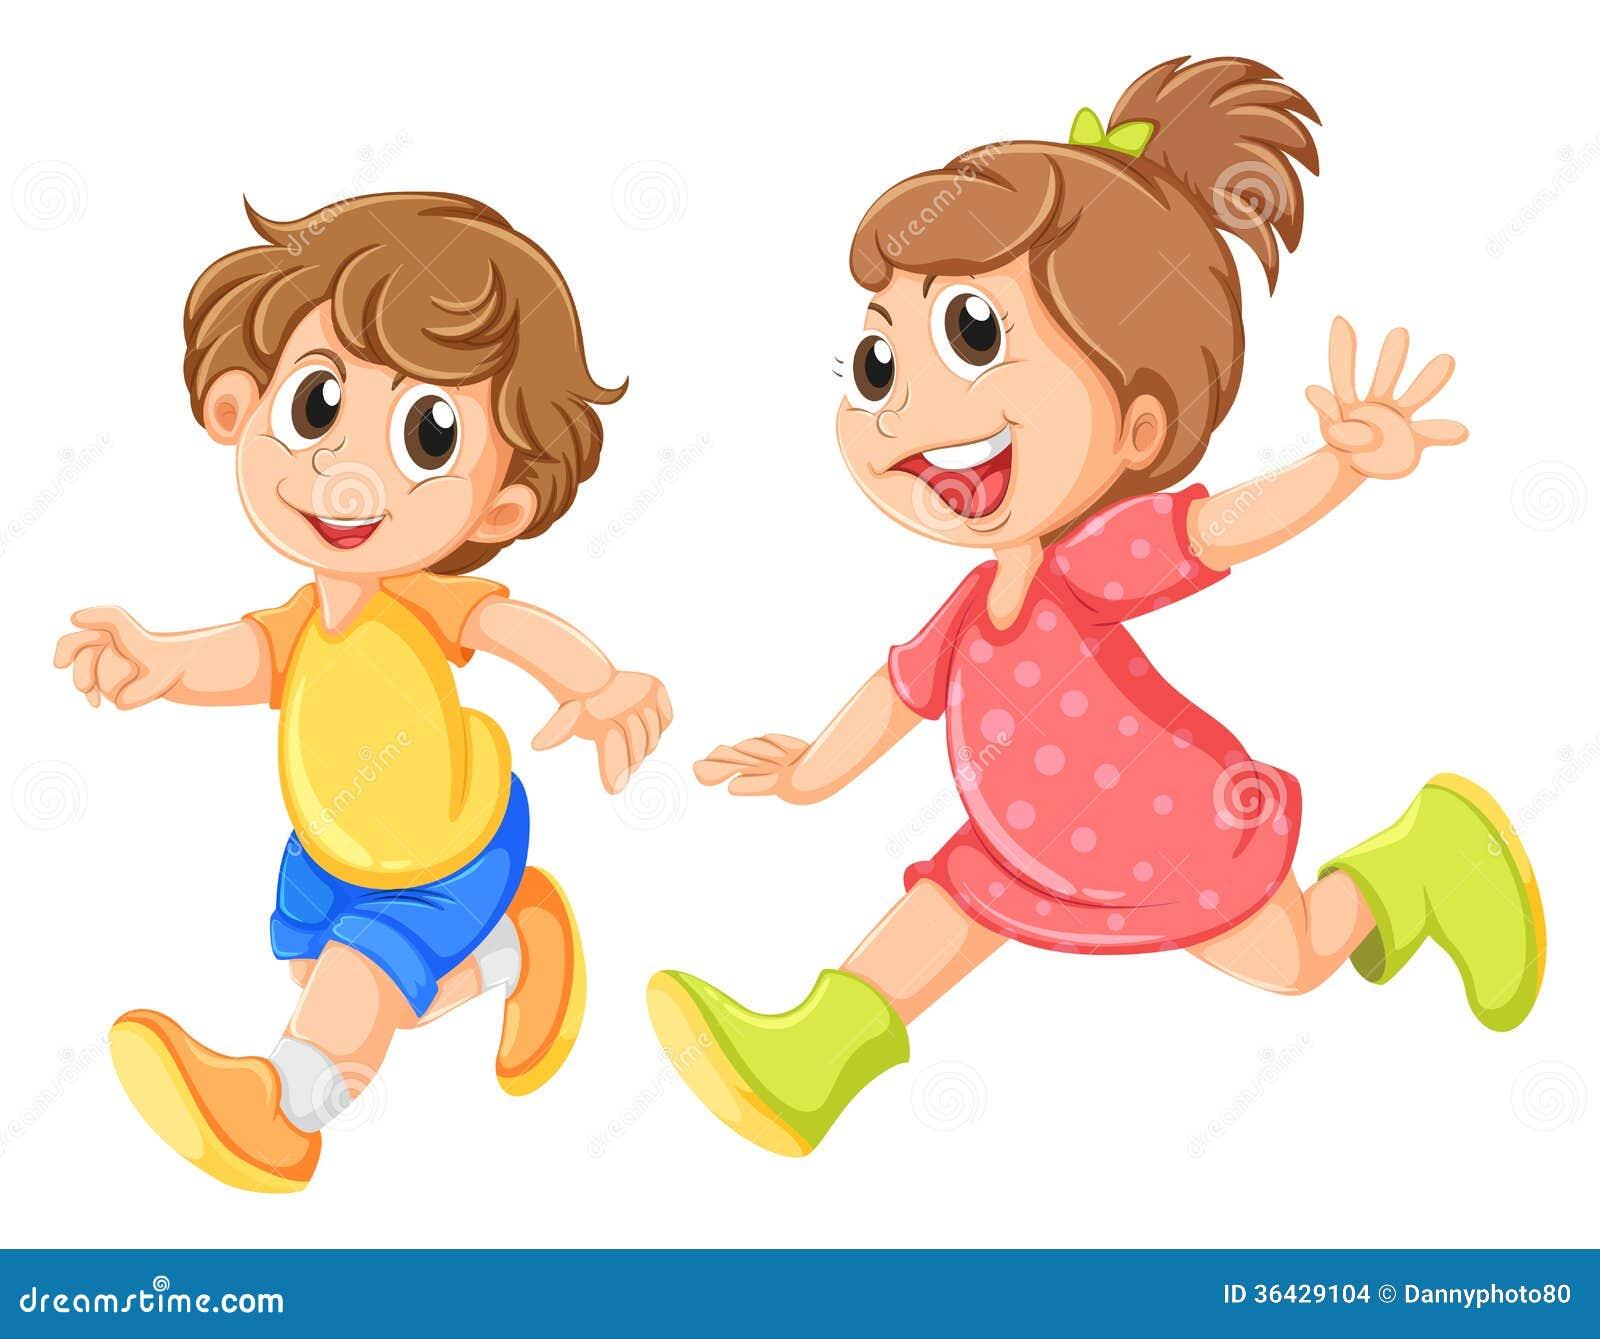 小女孩和小男孩_使用在白色背景的一个小女孩和一个小男孩的例证.